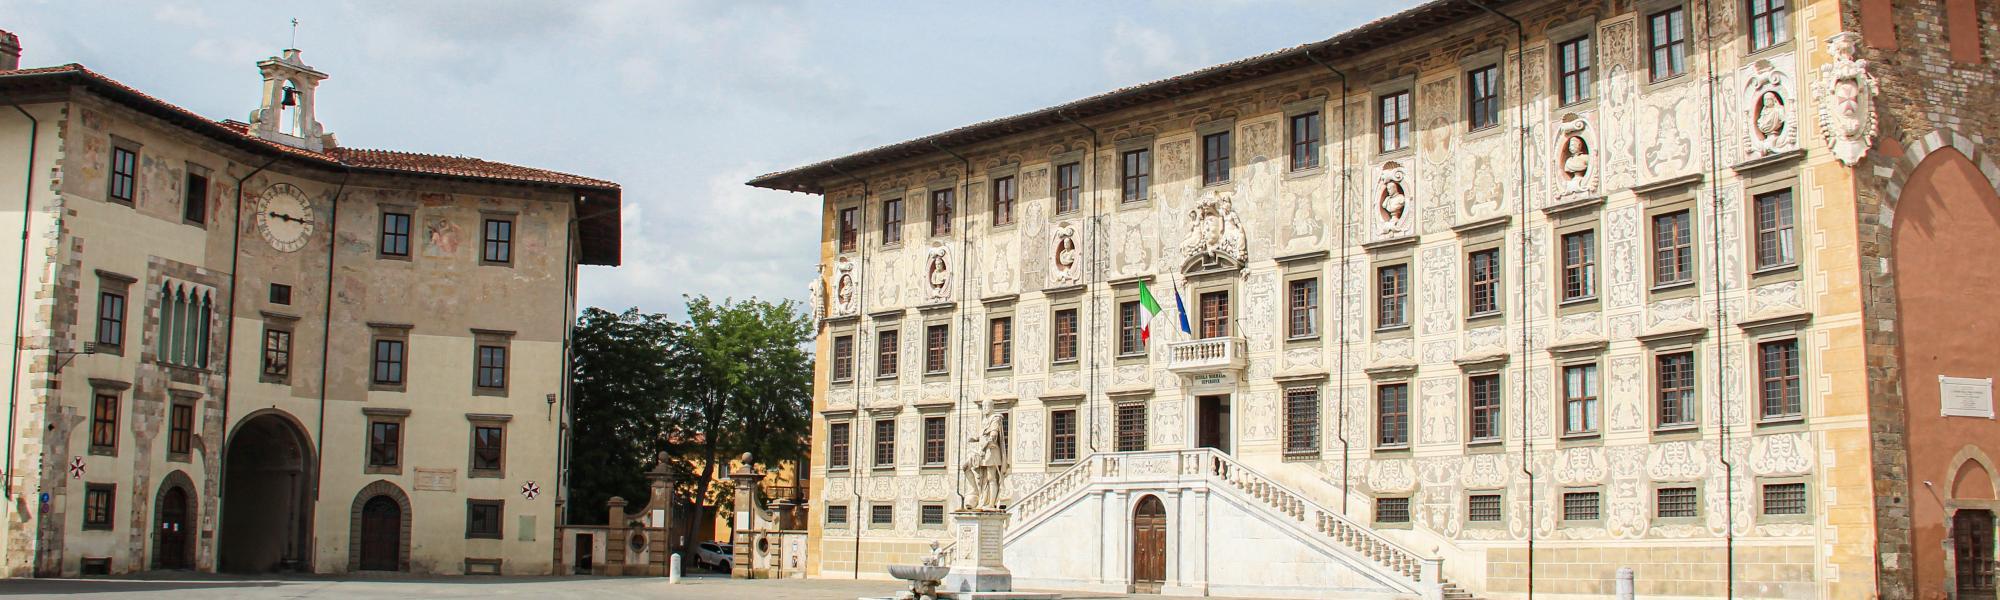 Piazza dei Cavalieri (G. Bettini, Comune di Pisa)